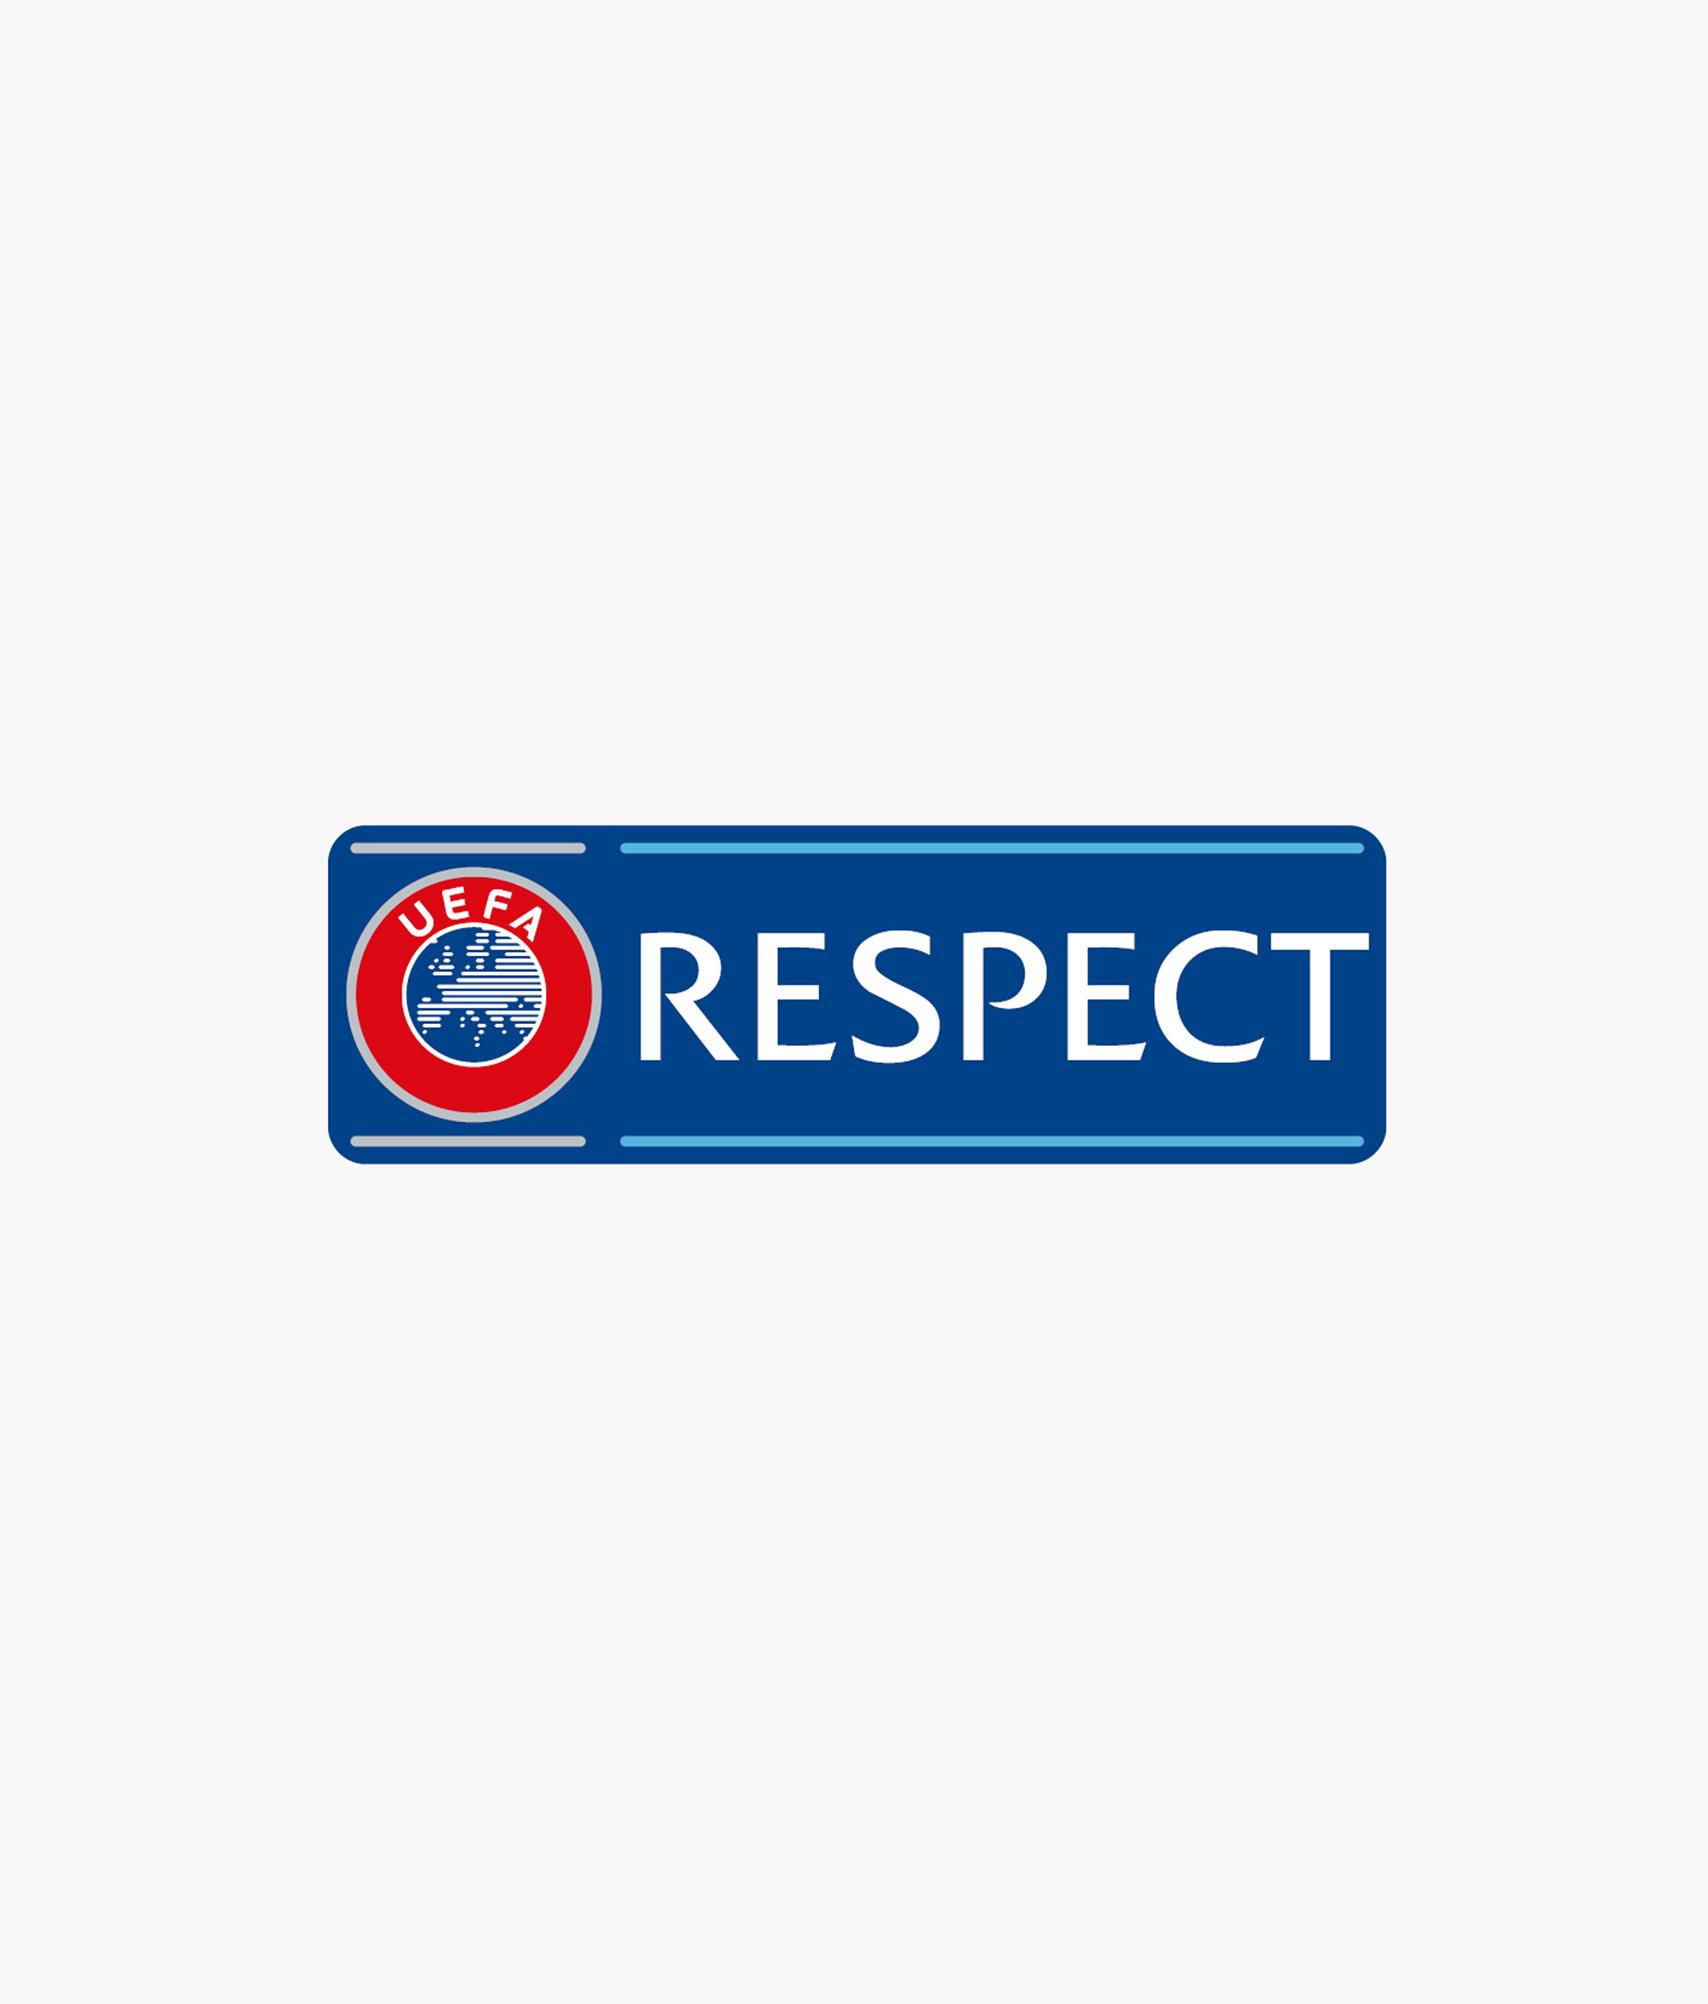 Бейдж «Respect» Зенит бейдж лига европы уефа зенит